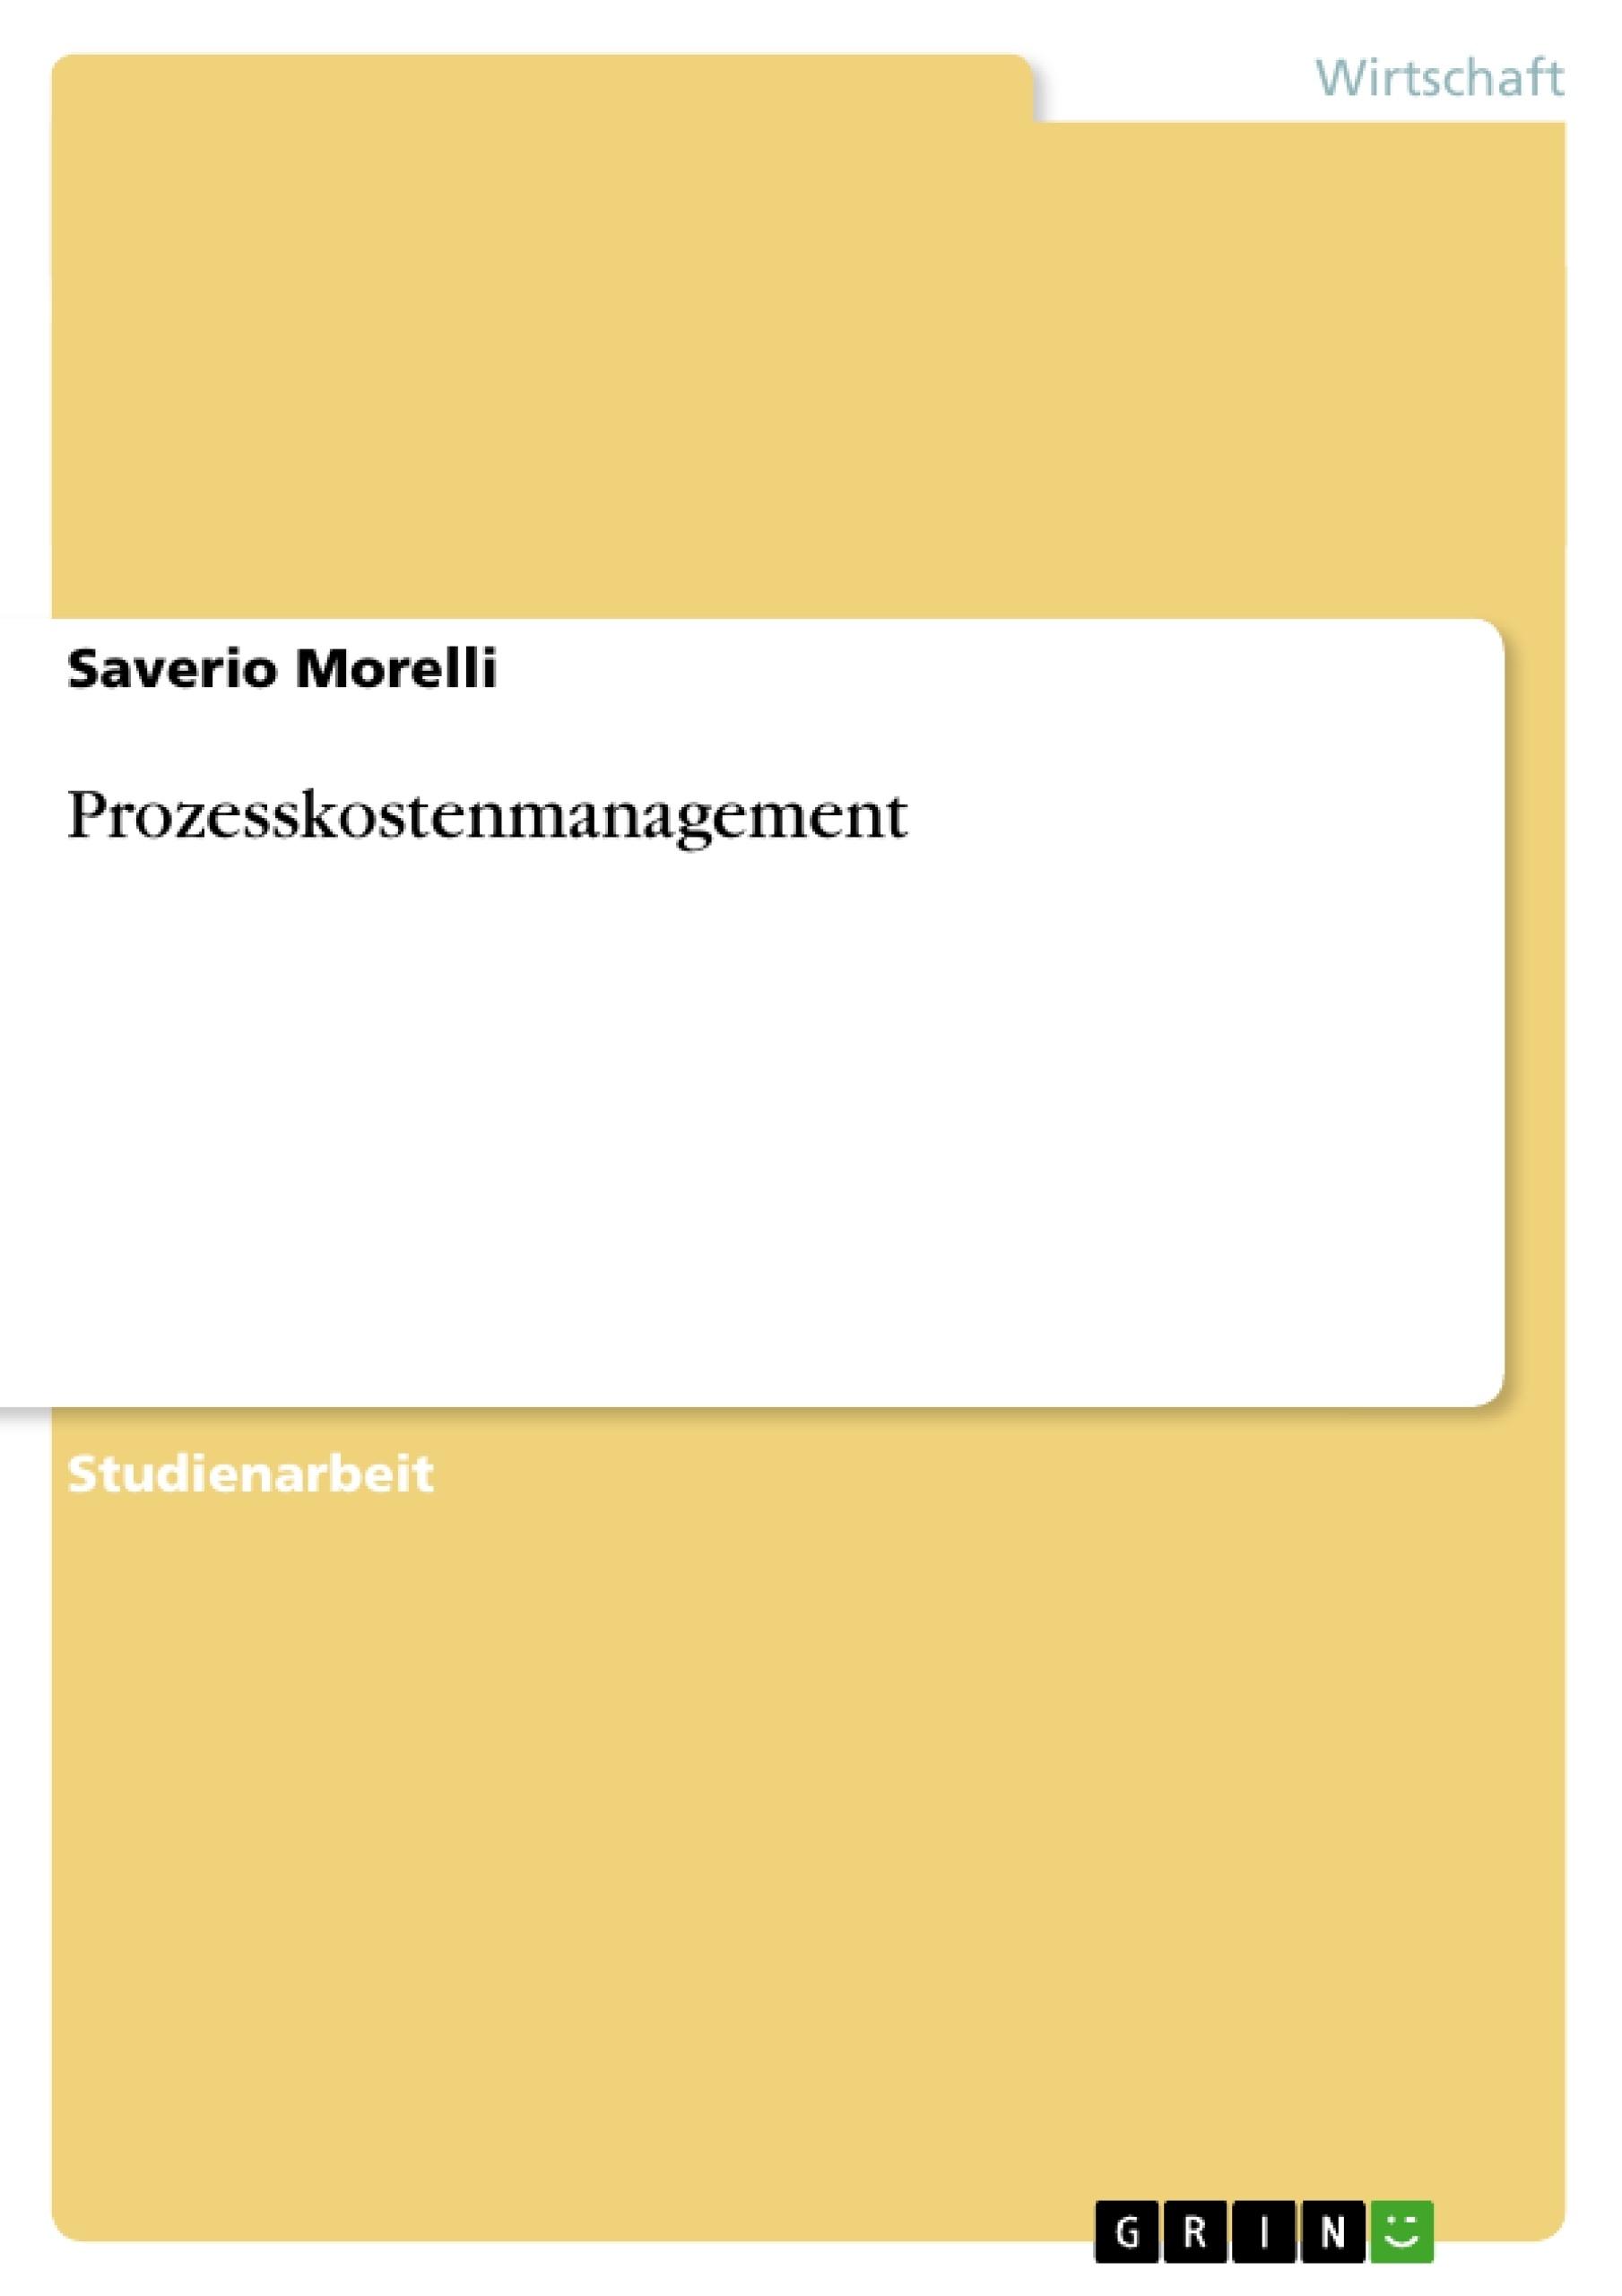 Titel: Prozesskostenmanagement